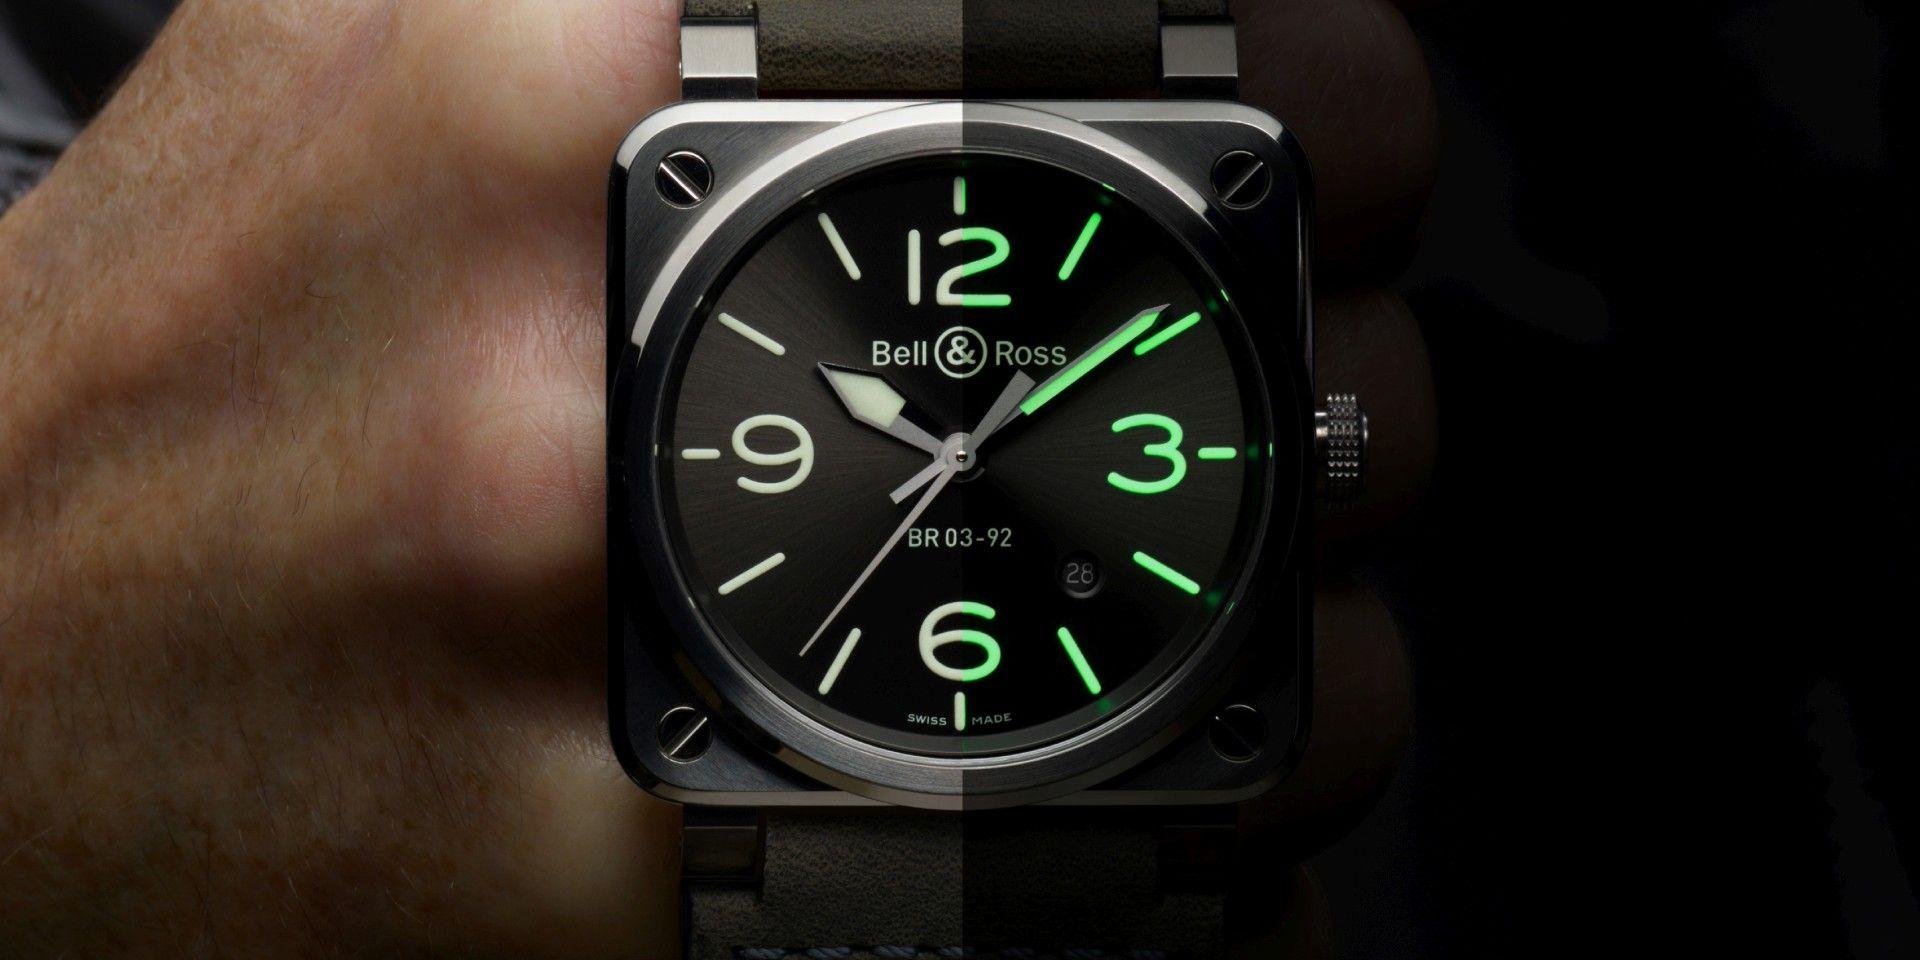 【2020線上錶展】無論白晝黑夜,時刻清晰易讀:Bell & Ross BR 03-92 Grey Lum腕錶